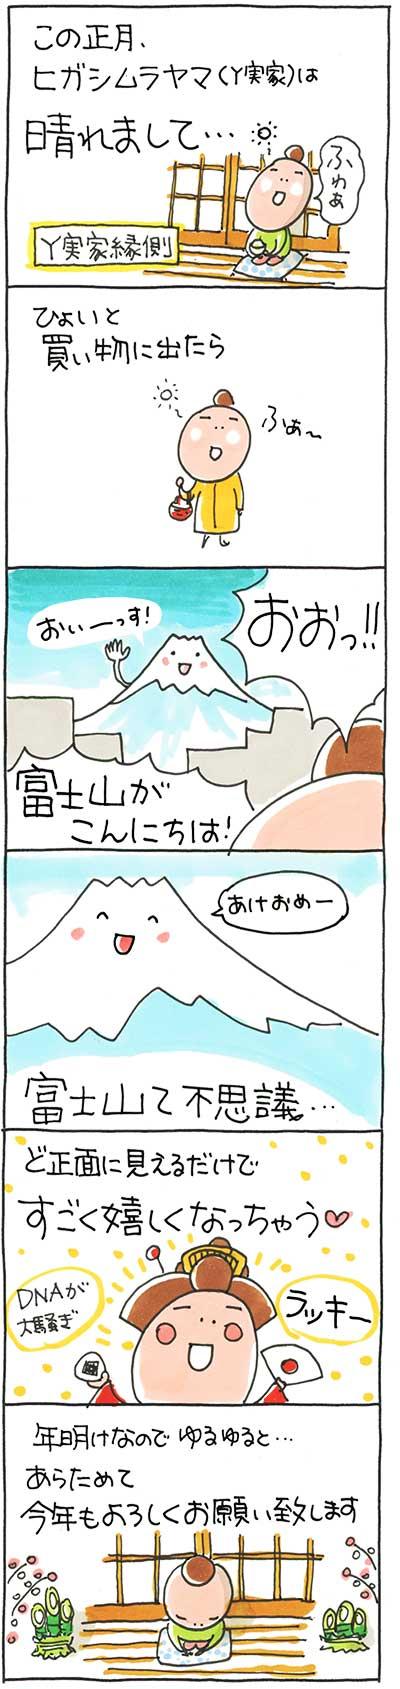 160105富士山